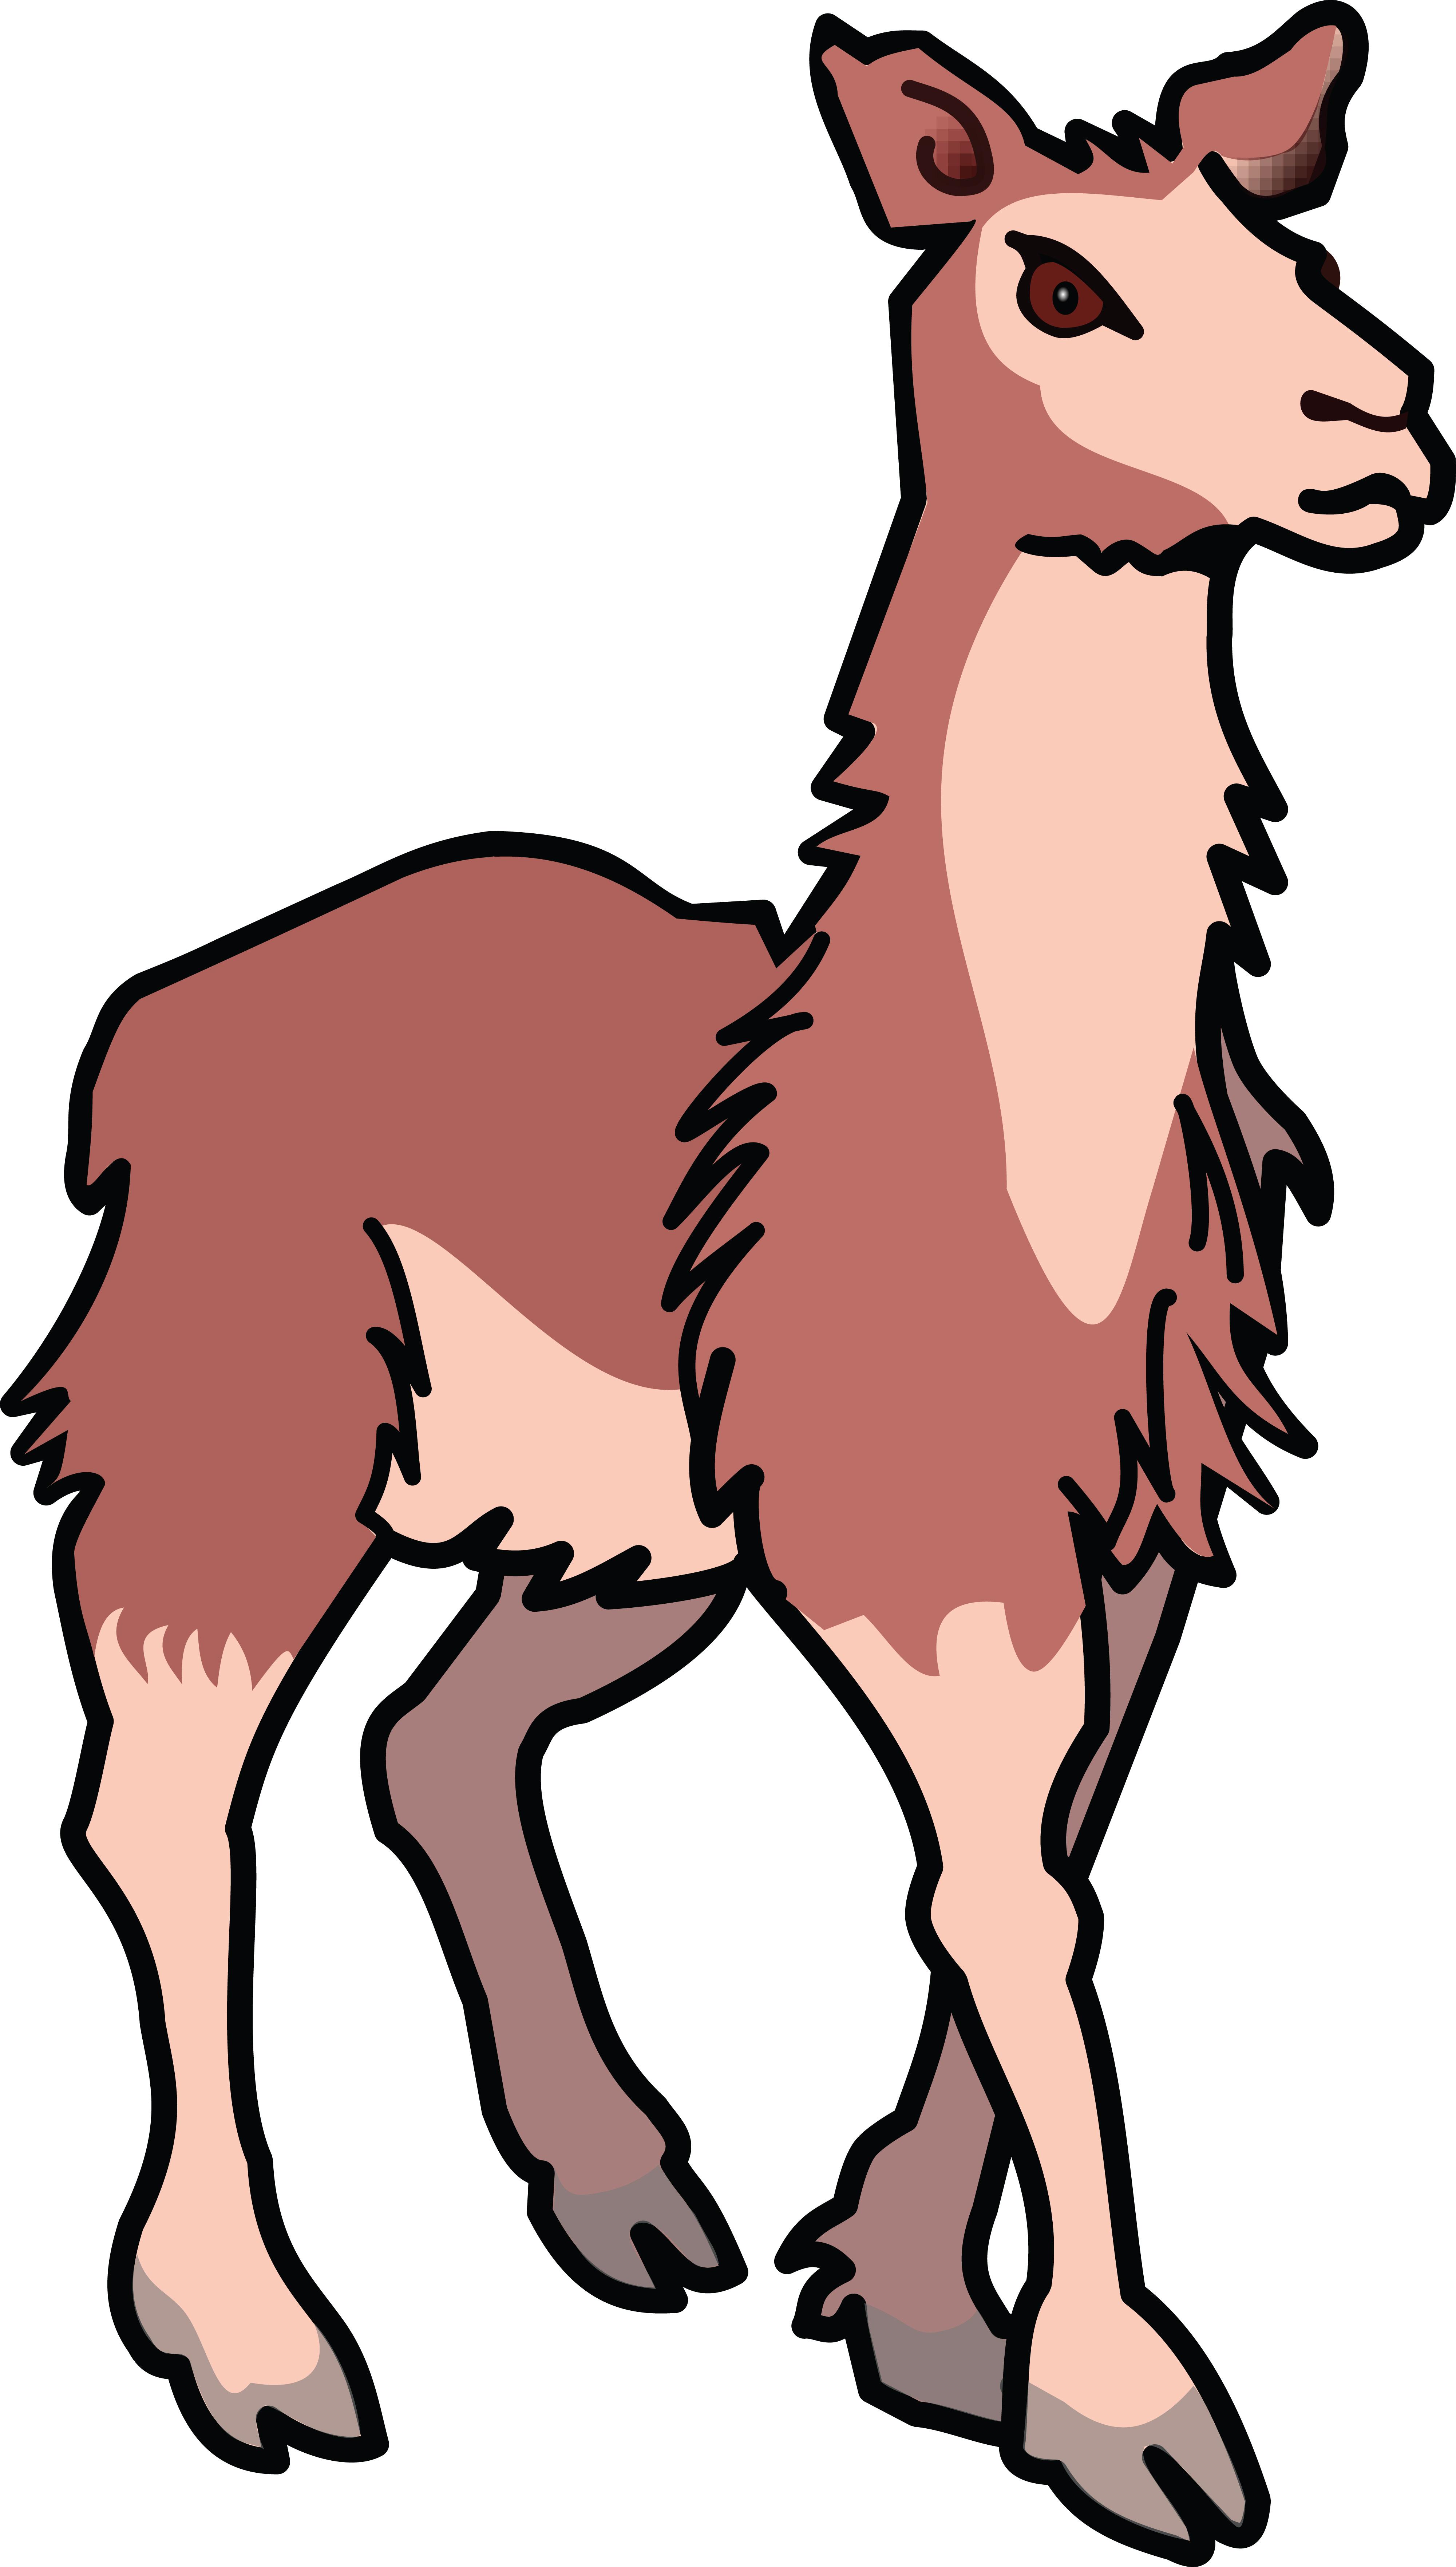 clipart of a llama rh free clipartof com llama clipart cute llama clip art free